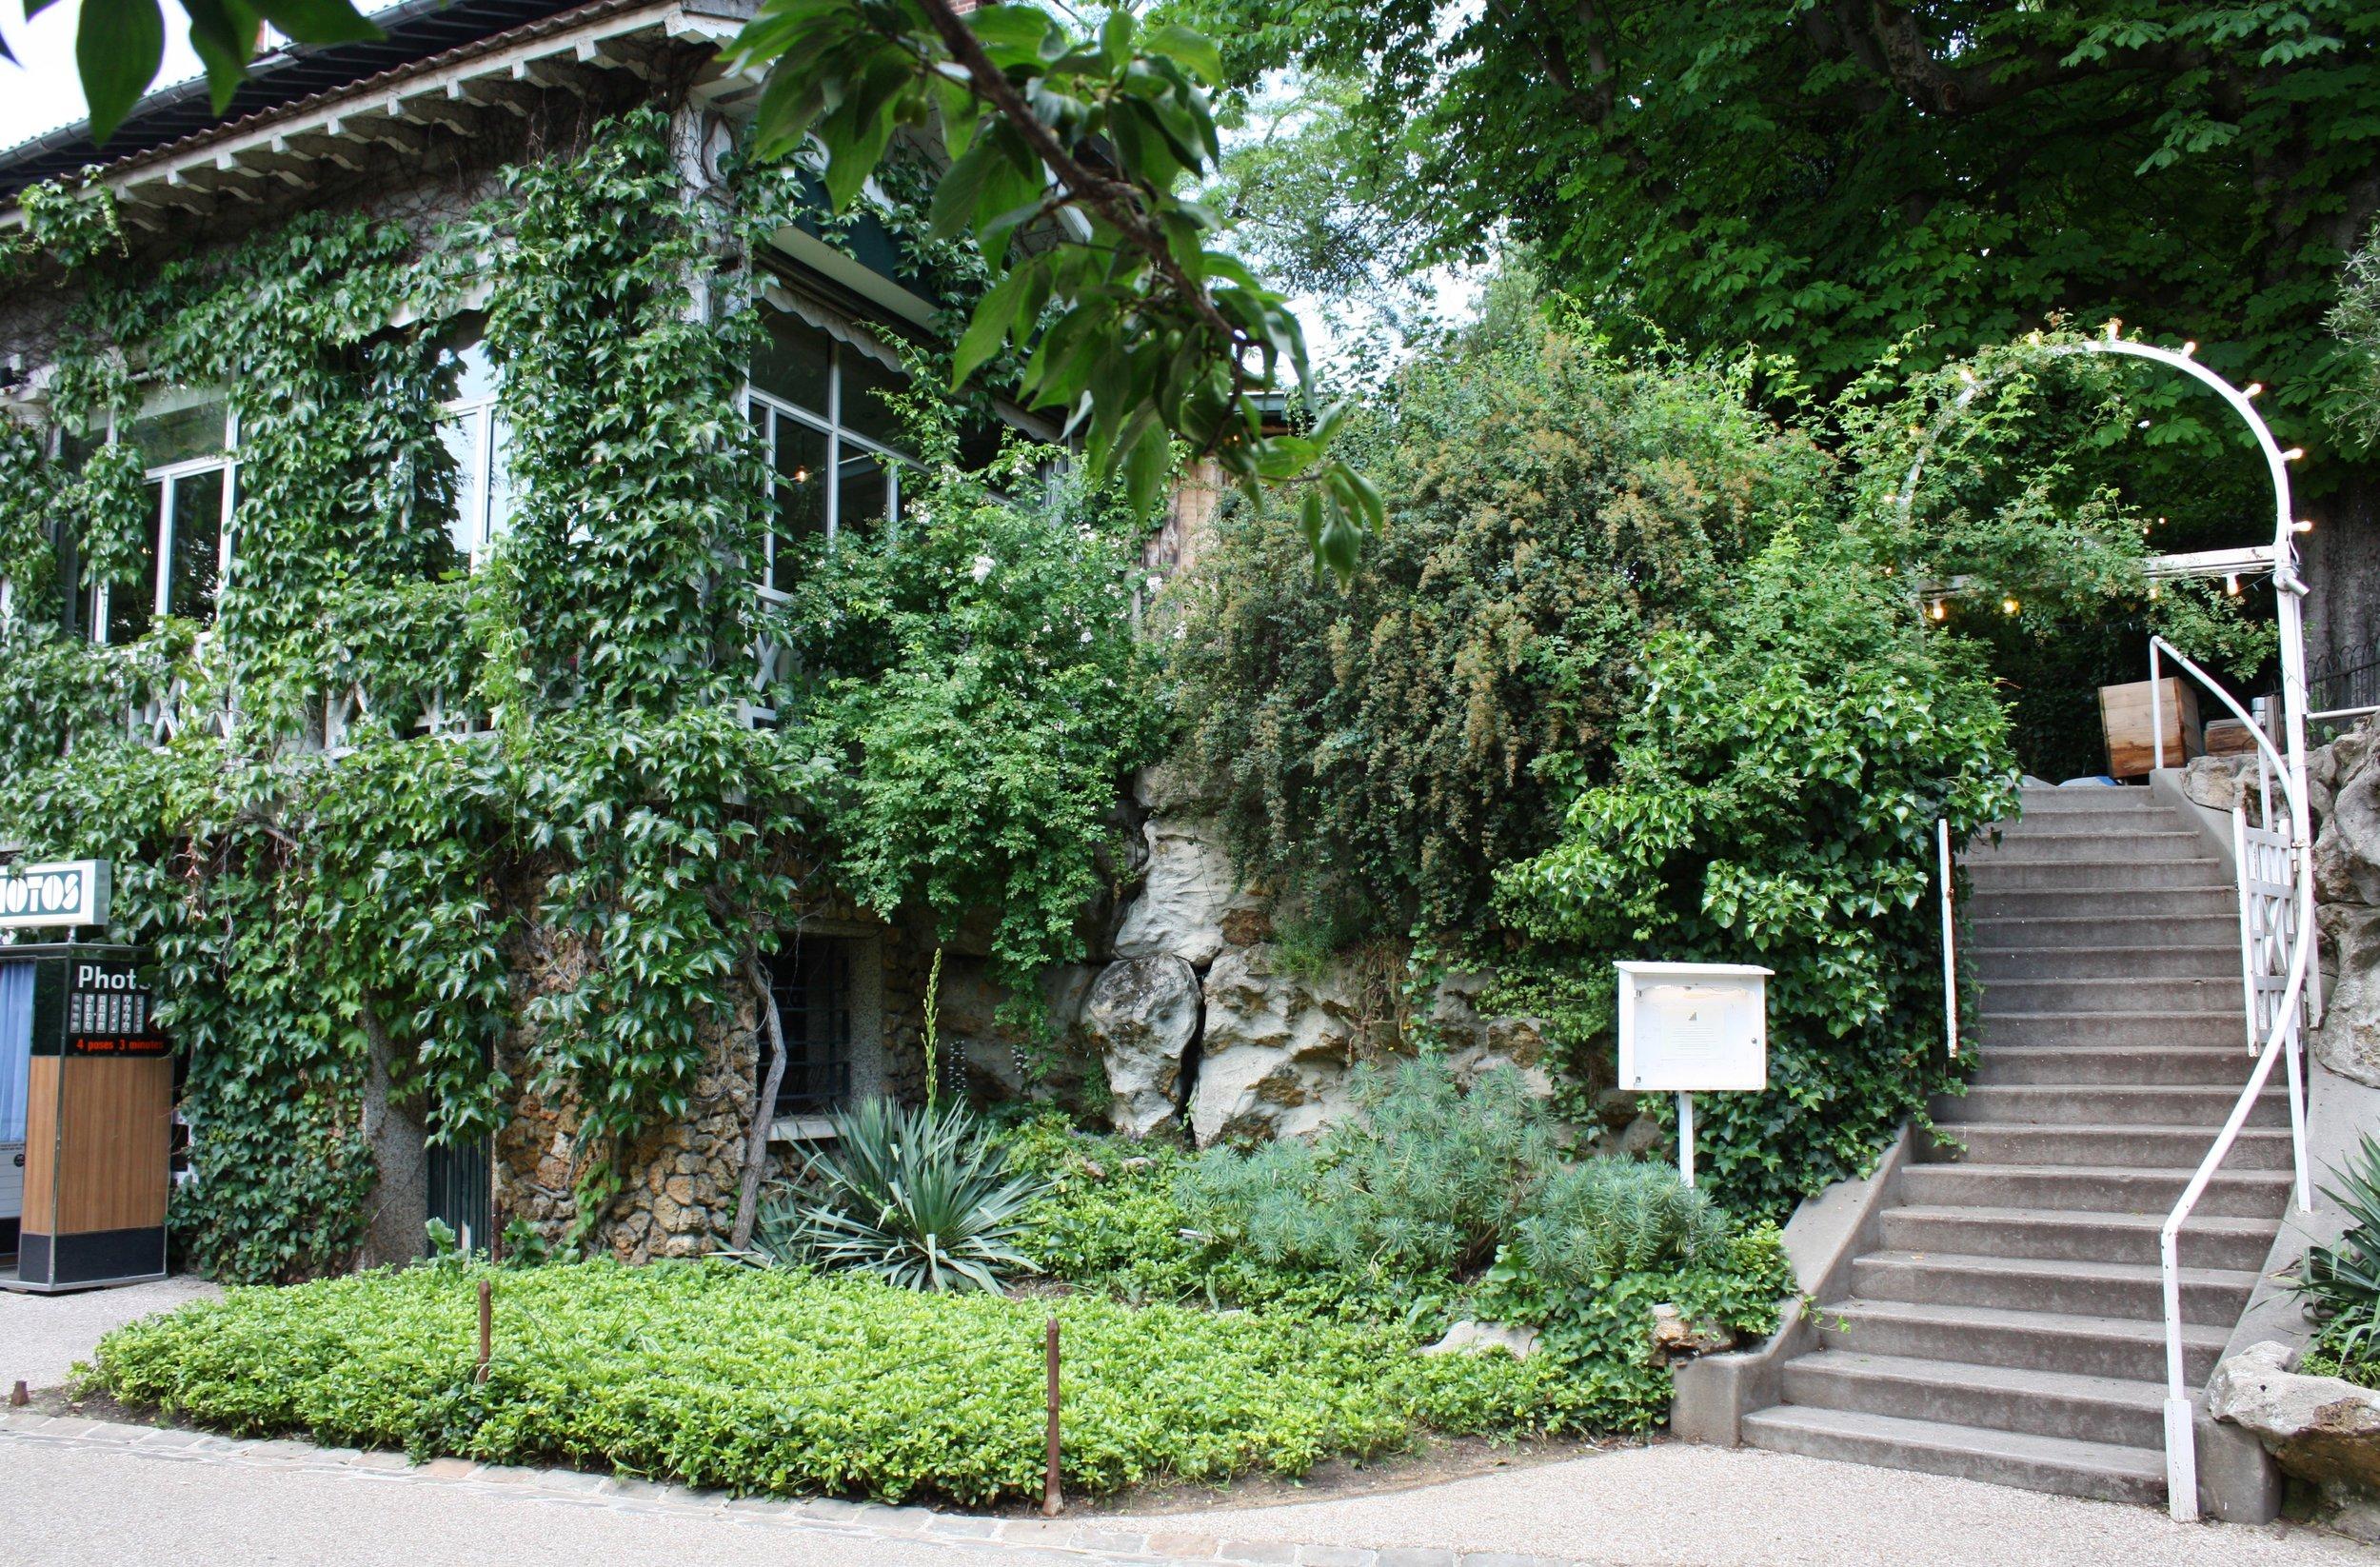 Adjamée-PavillonPuebla6.jpg